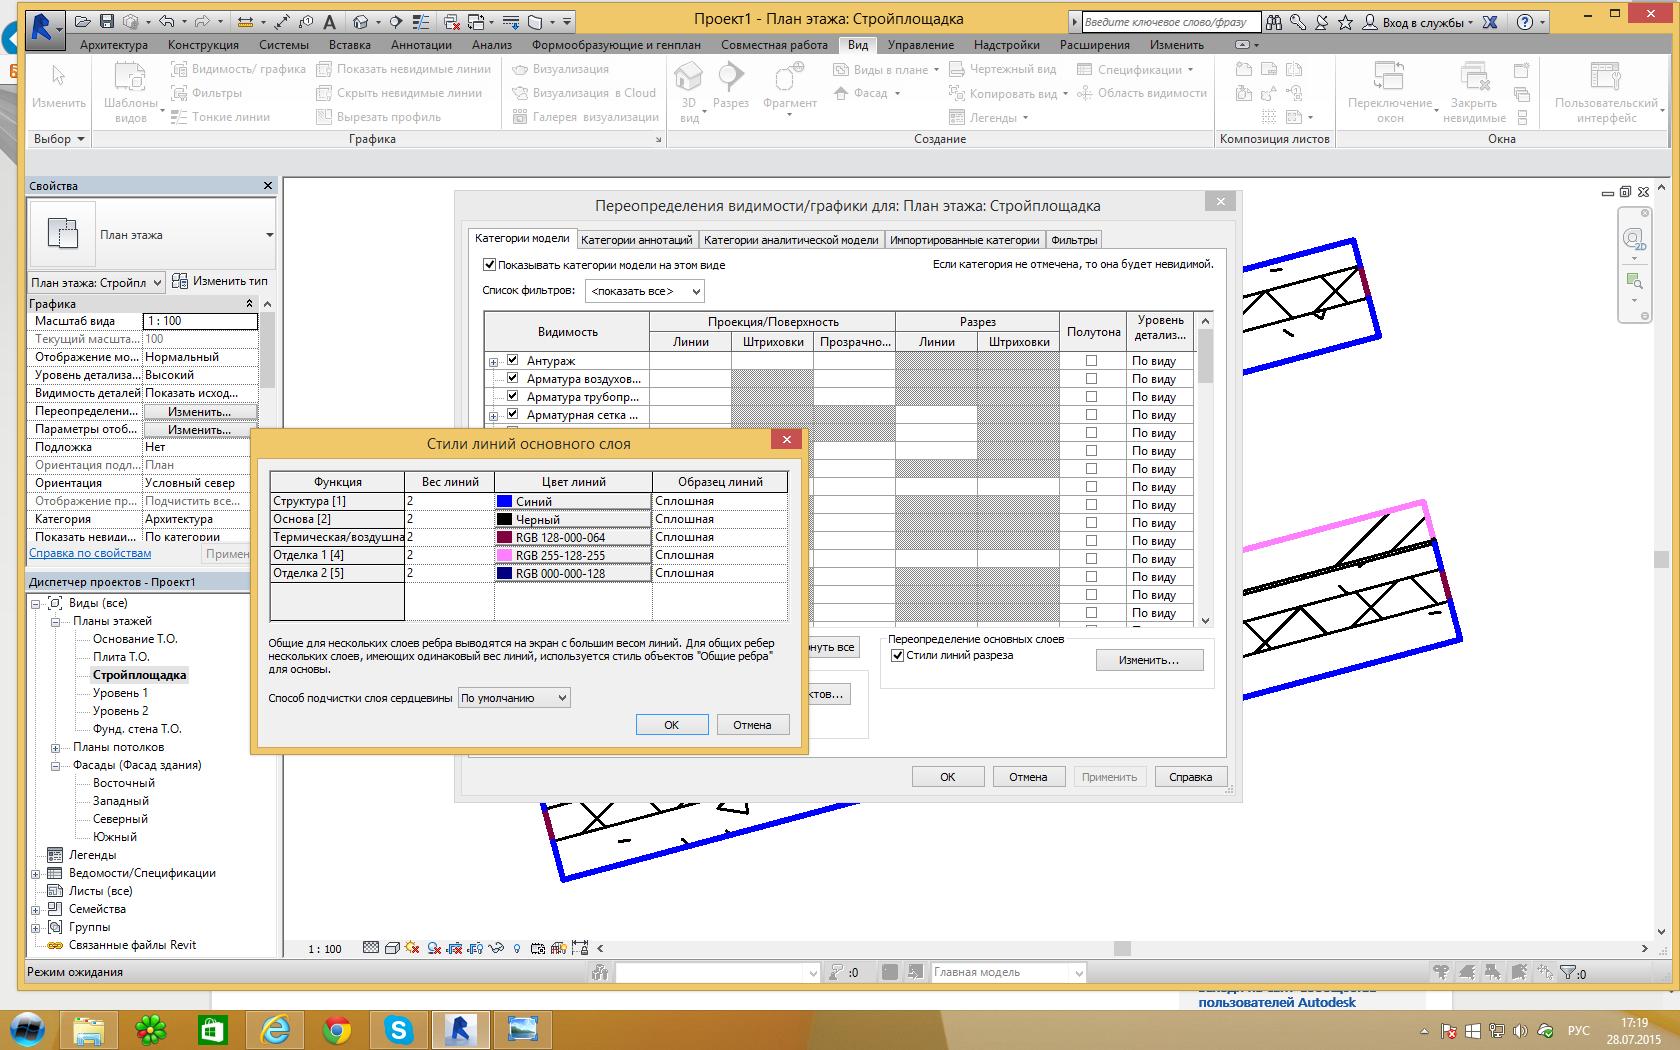 Как скрыть и показать линии в чертеже Autodesk Inventor САПР 78